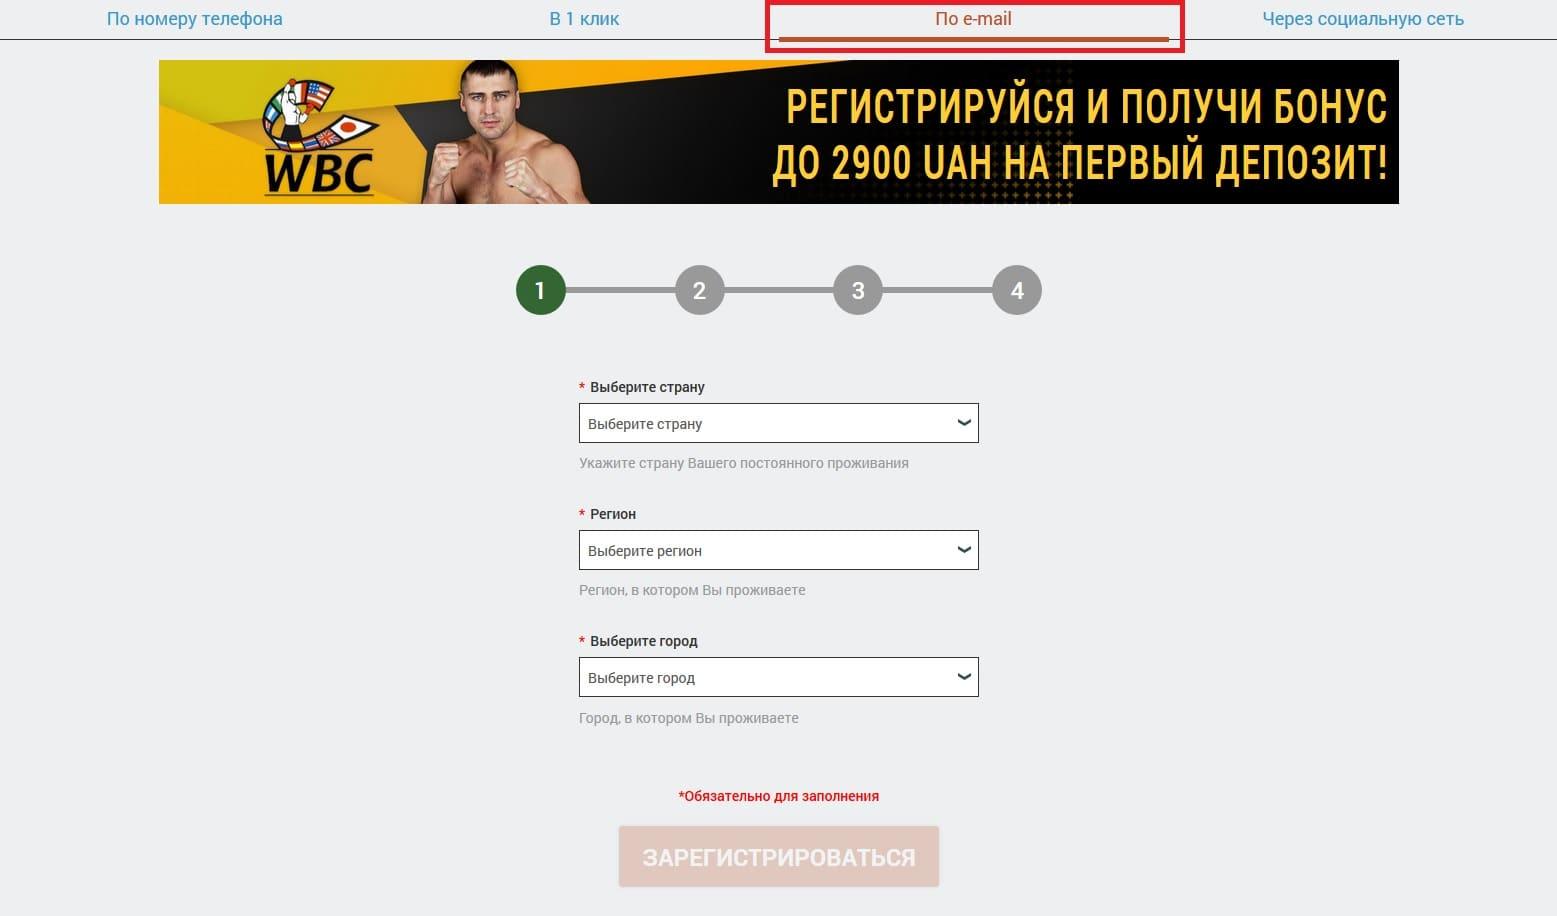 регистрация через e-mail